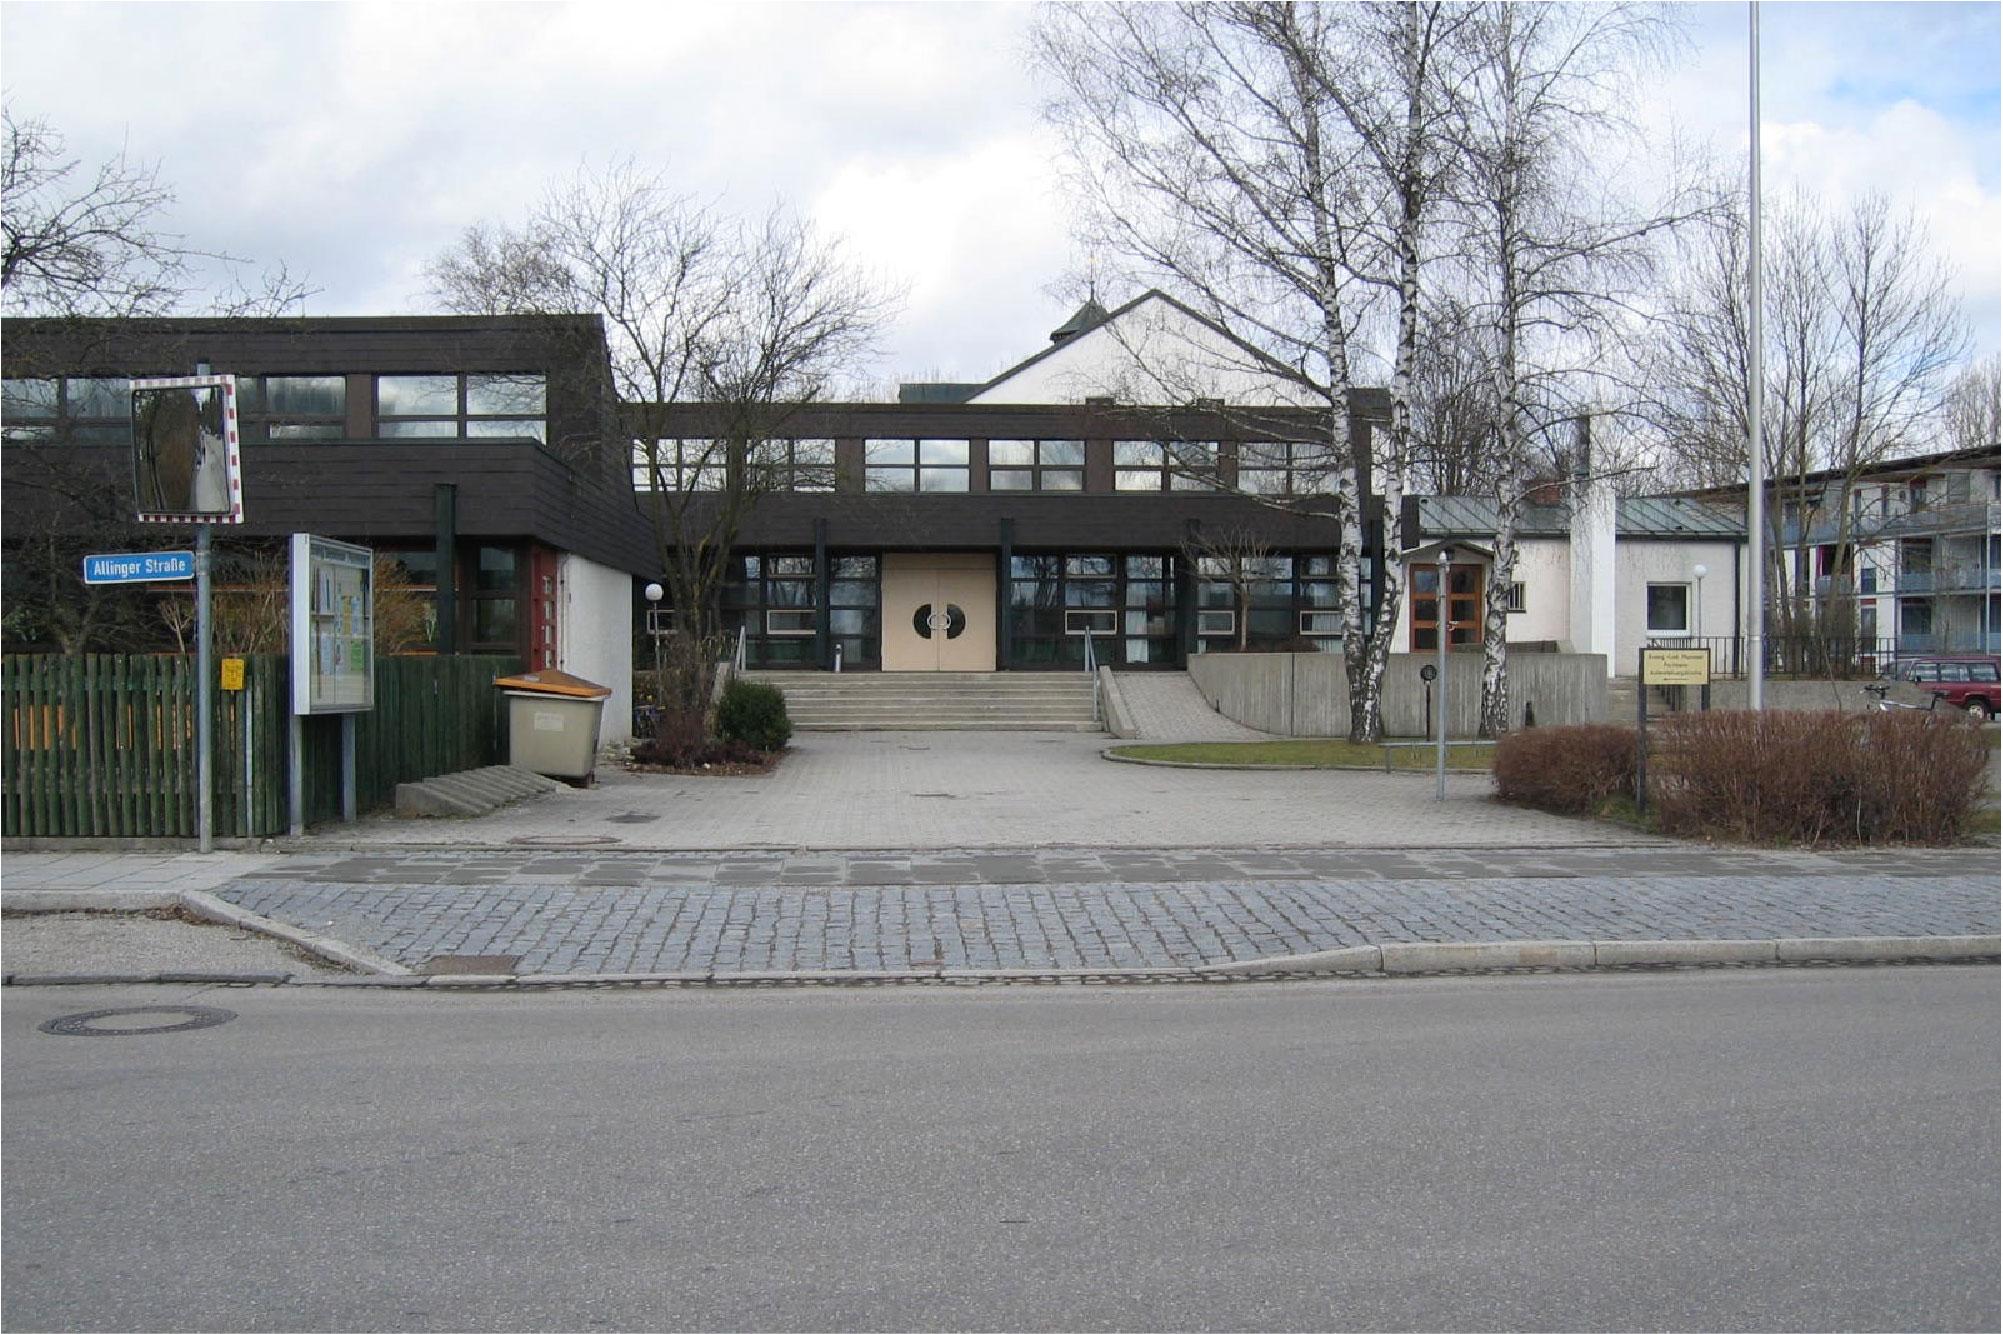 Innenarchitektur-München-Sanierung-Pfarramt-01-Vorher